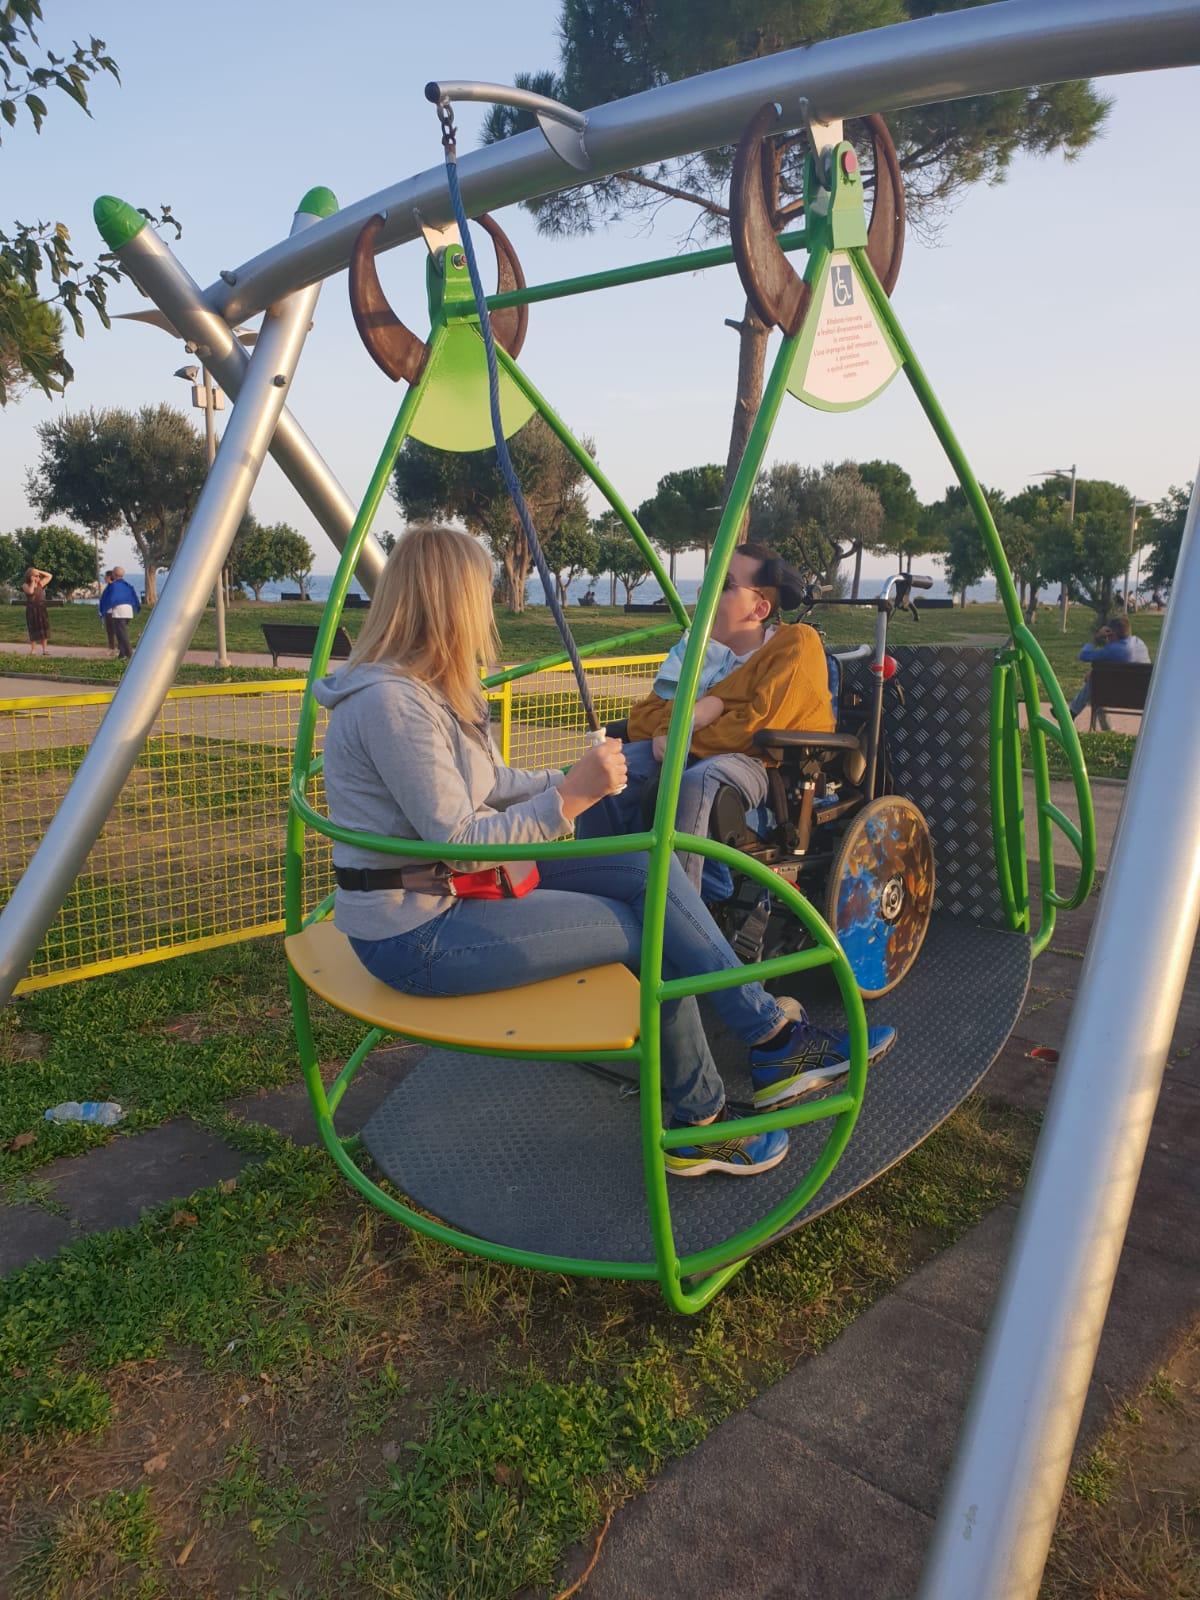 giraffe a rotelle-imperia-giraffe a rotelle imperia-bicicletta per persone con disabilità-altalena per disabili-altalena per disabili imperia-sedia per piscina imperia-sedia per piscina giraffa a rotelle-ability channel